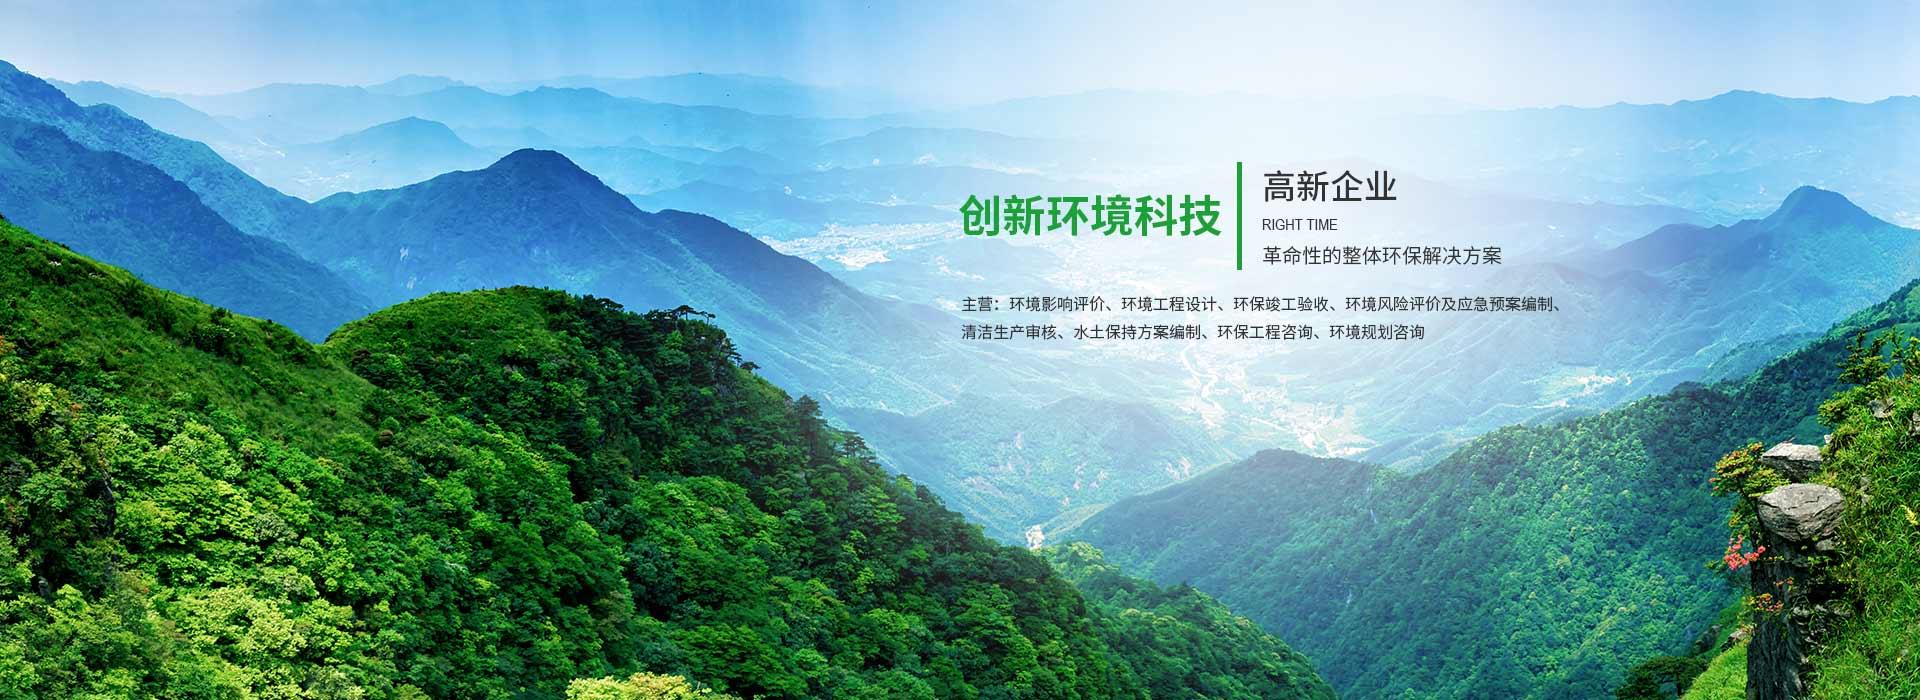 甘肅稀土新材料股份有限公司11000噸/年萃取生產線升級改造項目環境影響評價公眾參與第 二次公示